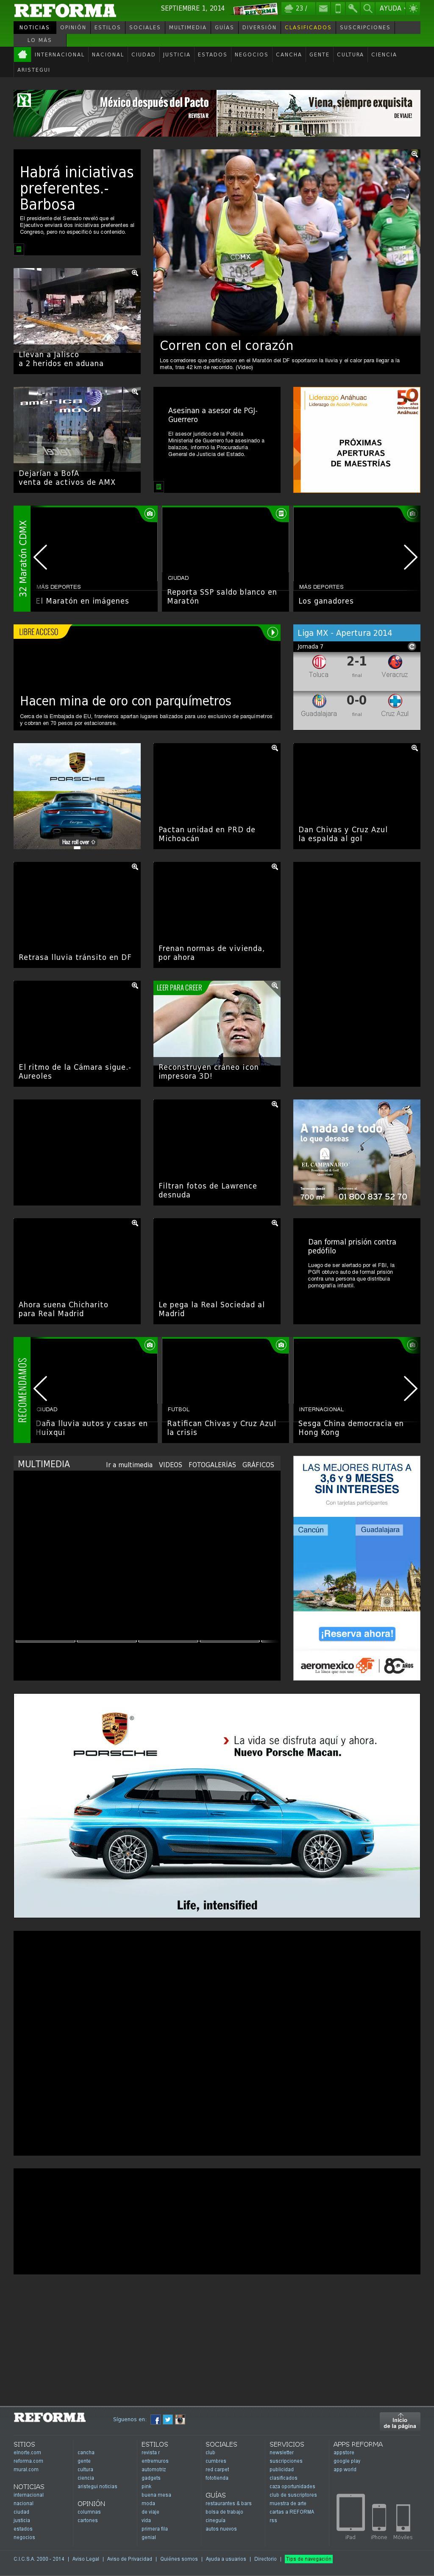 Reforma.com at Monday Sept. 1, 2014, 8:14 a.m. UTC